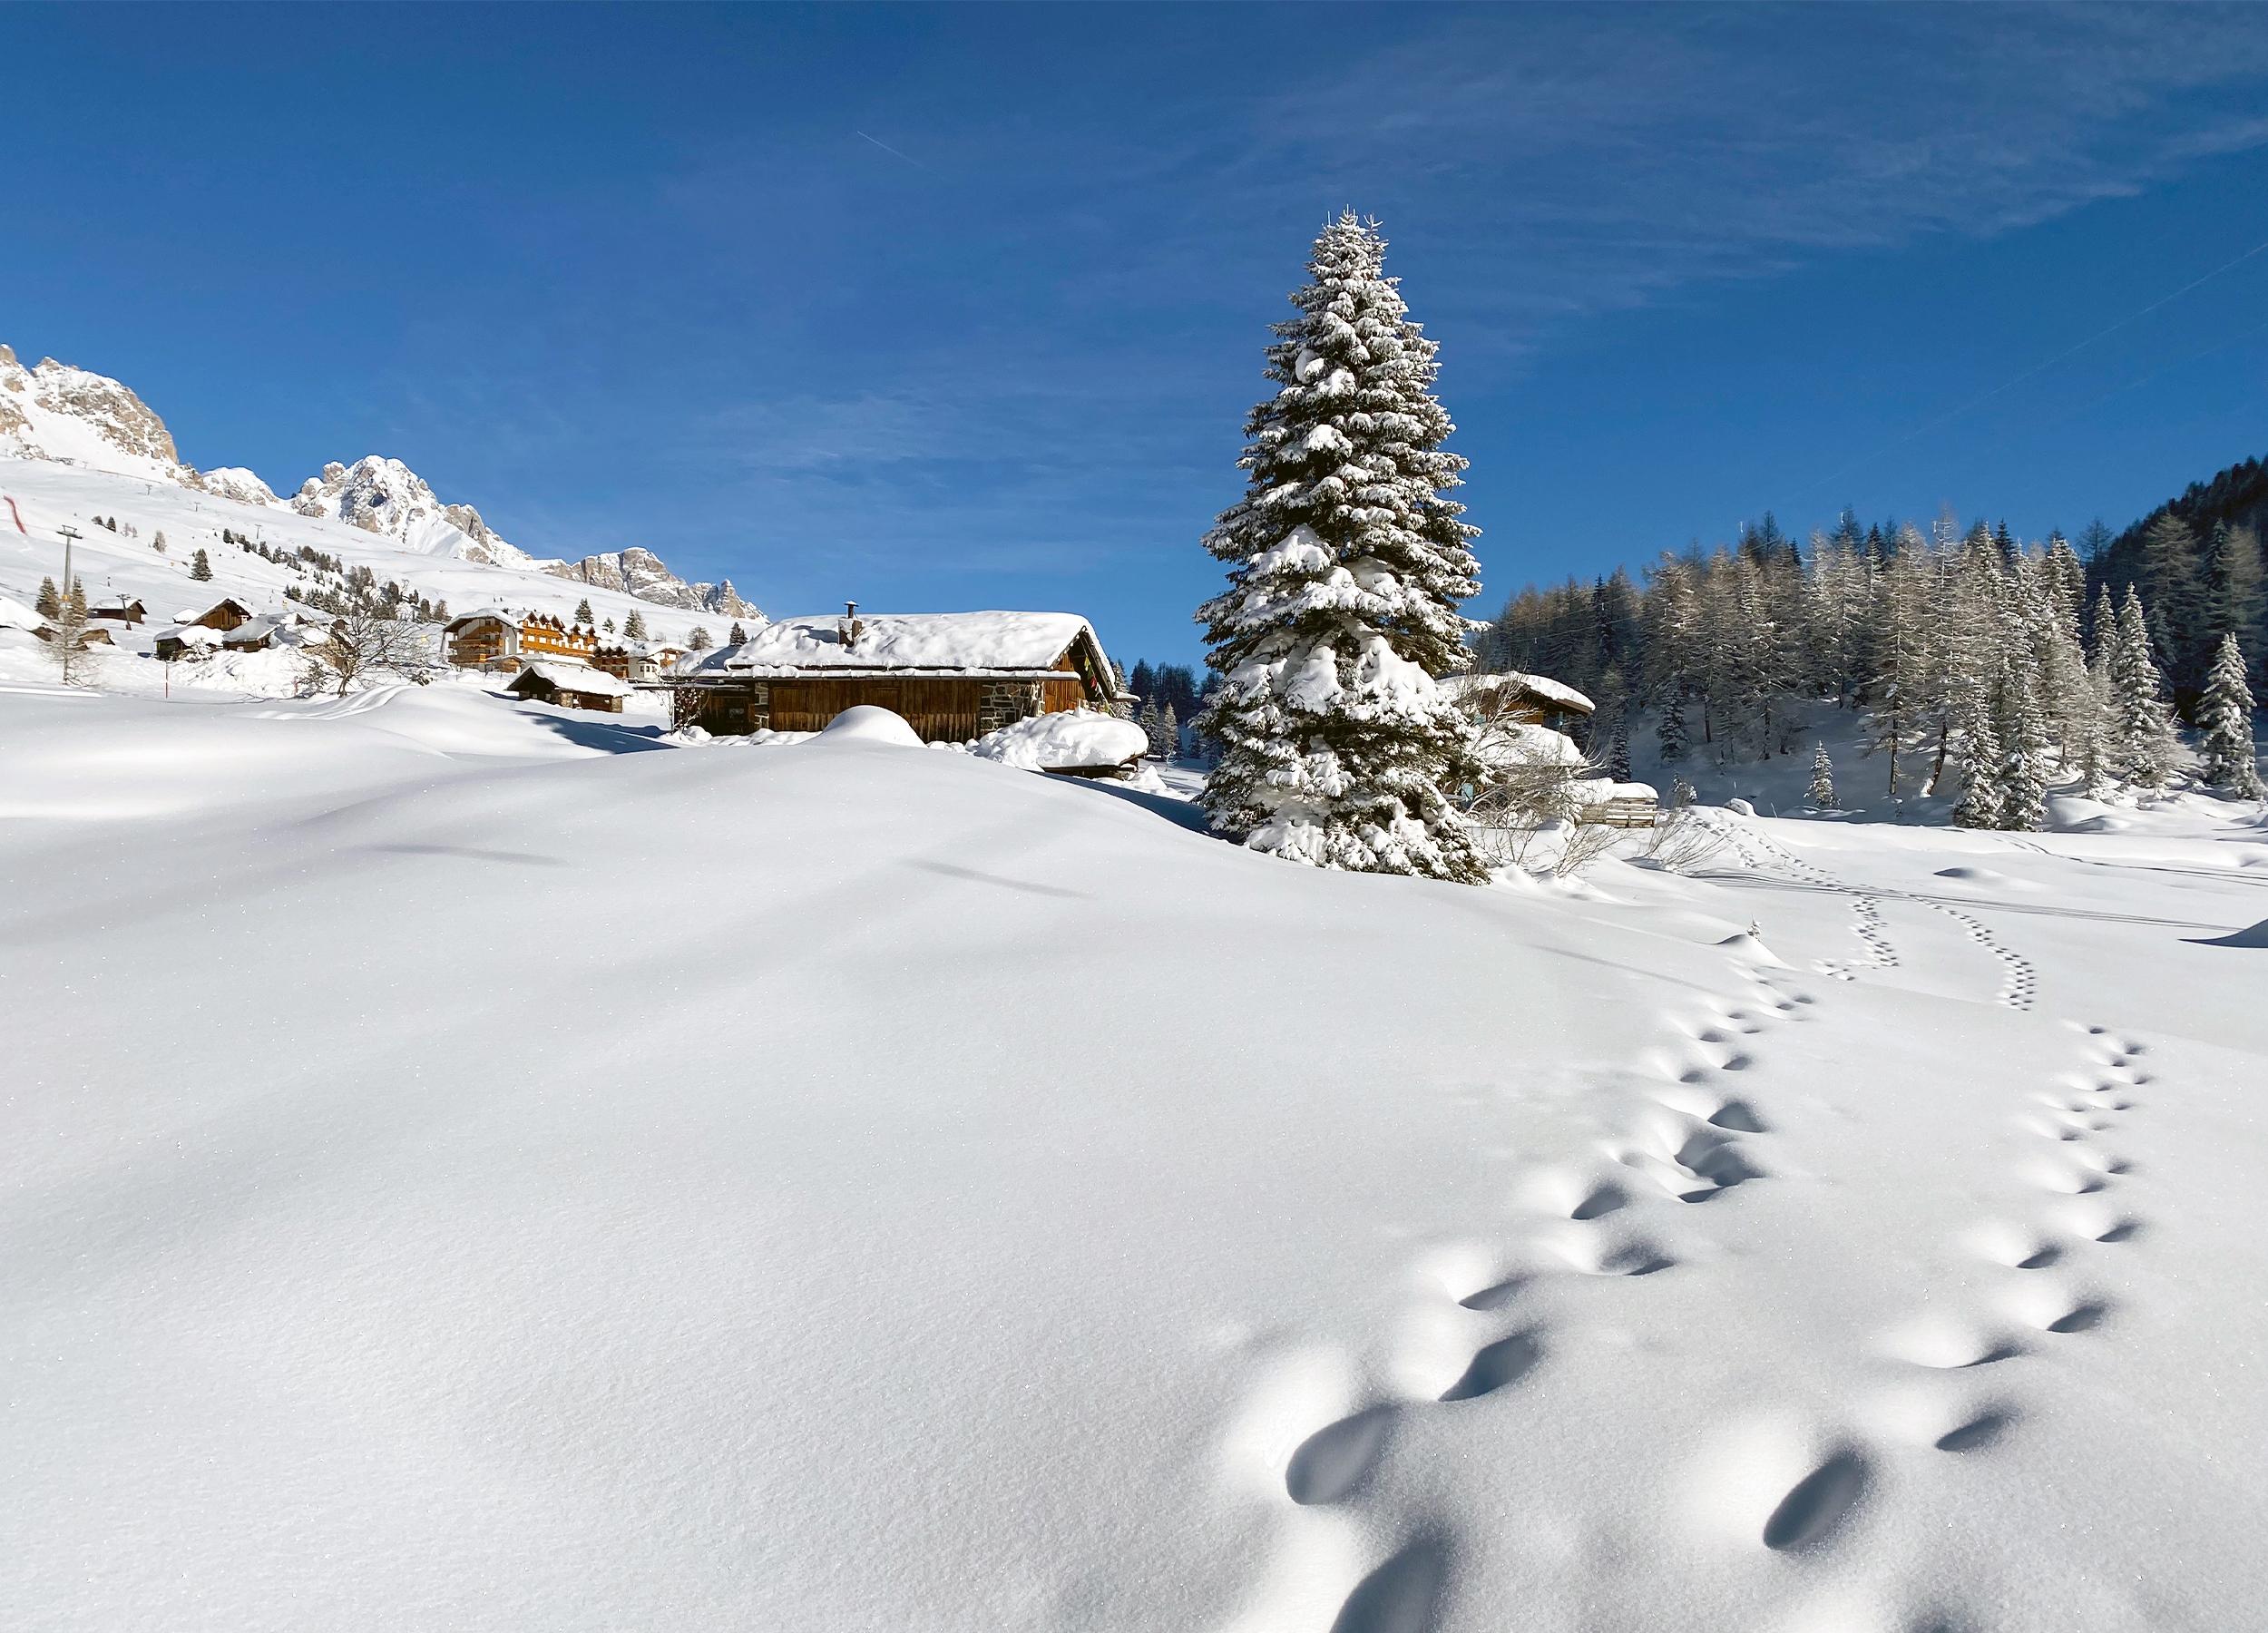 Il nostro hotel a Moena è considerato fra i migliori in Val di Fassa per la sua offerta ampia ed esclusiva, in grado di soddisfare ogni ospite.